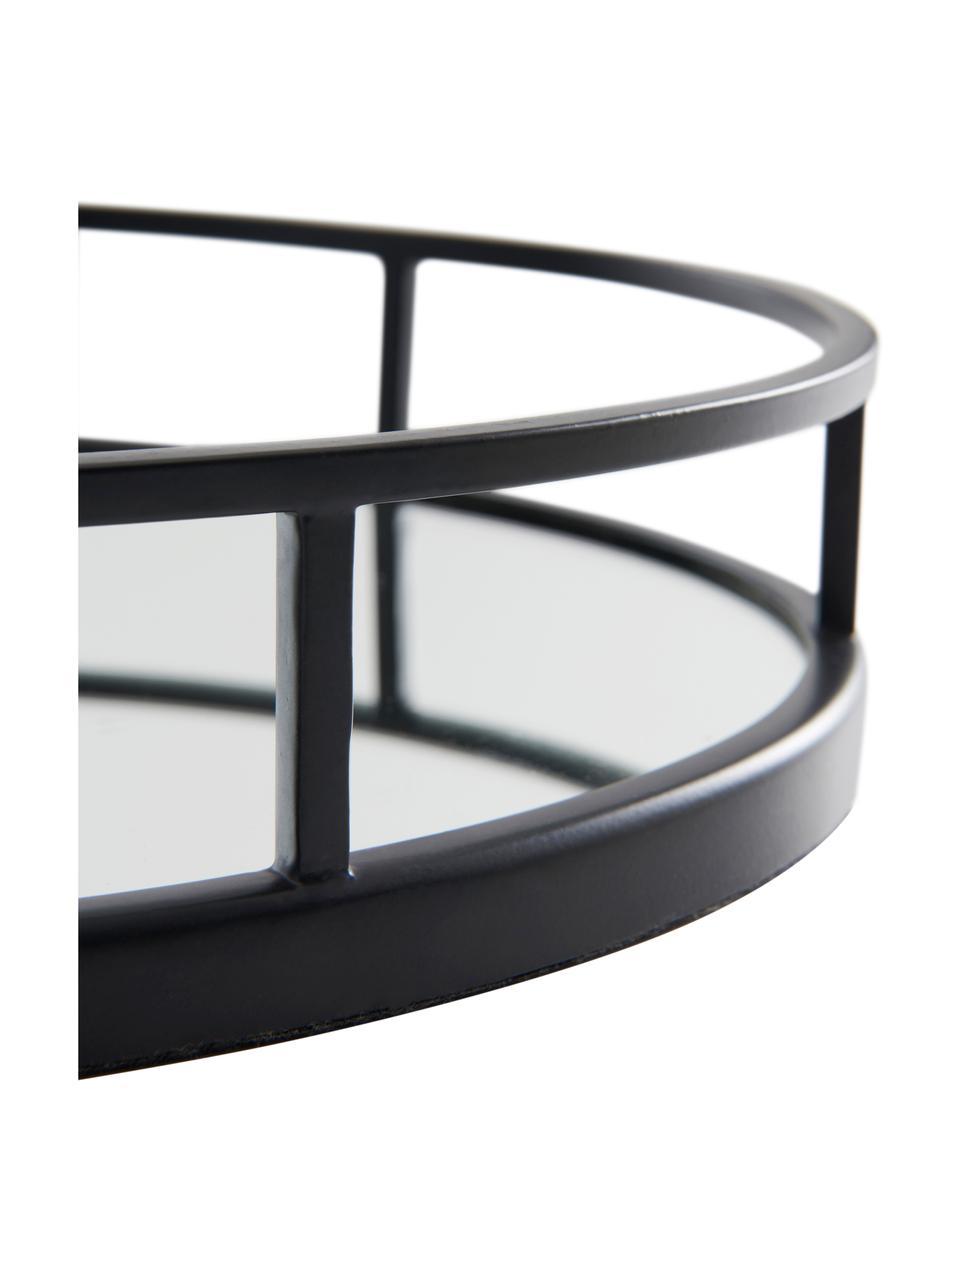 Ovales Deko-Tablett Jemma, Rahmen: Metall, beschichtet, Ablagefläche: Spiegelglas, Schwarz, 38 x 6 cm